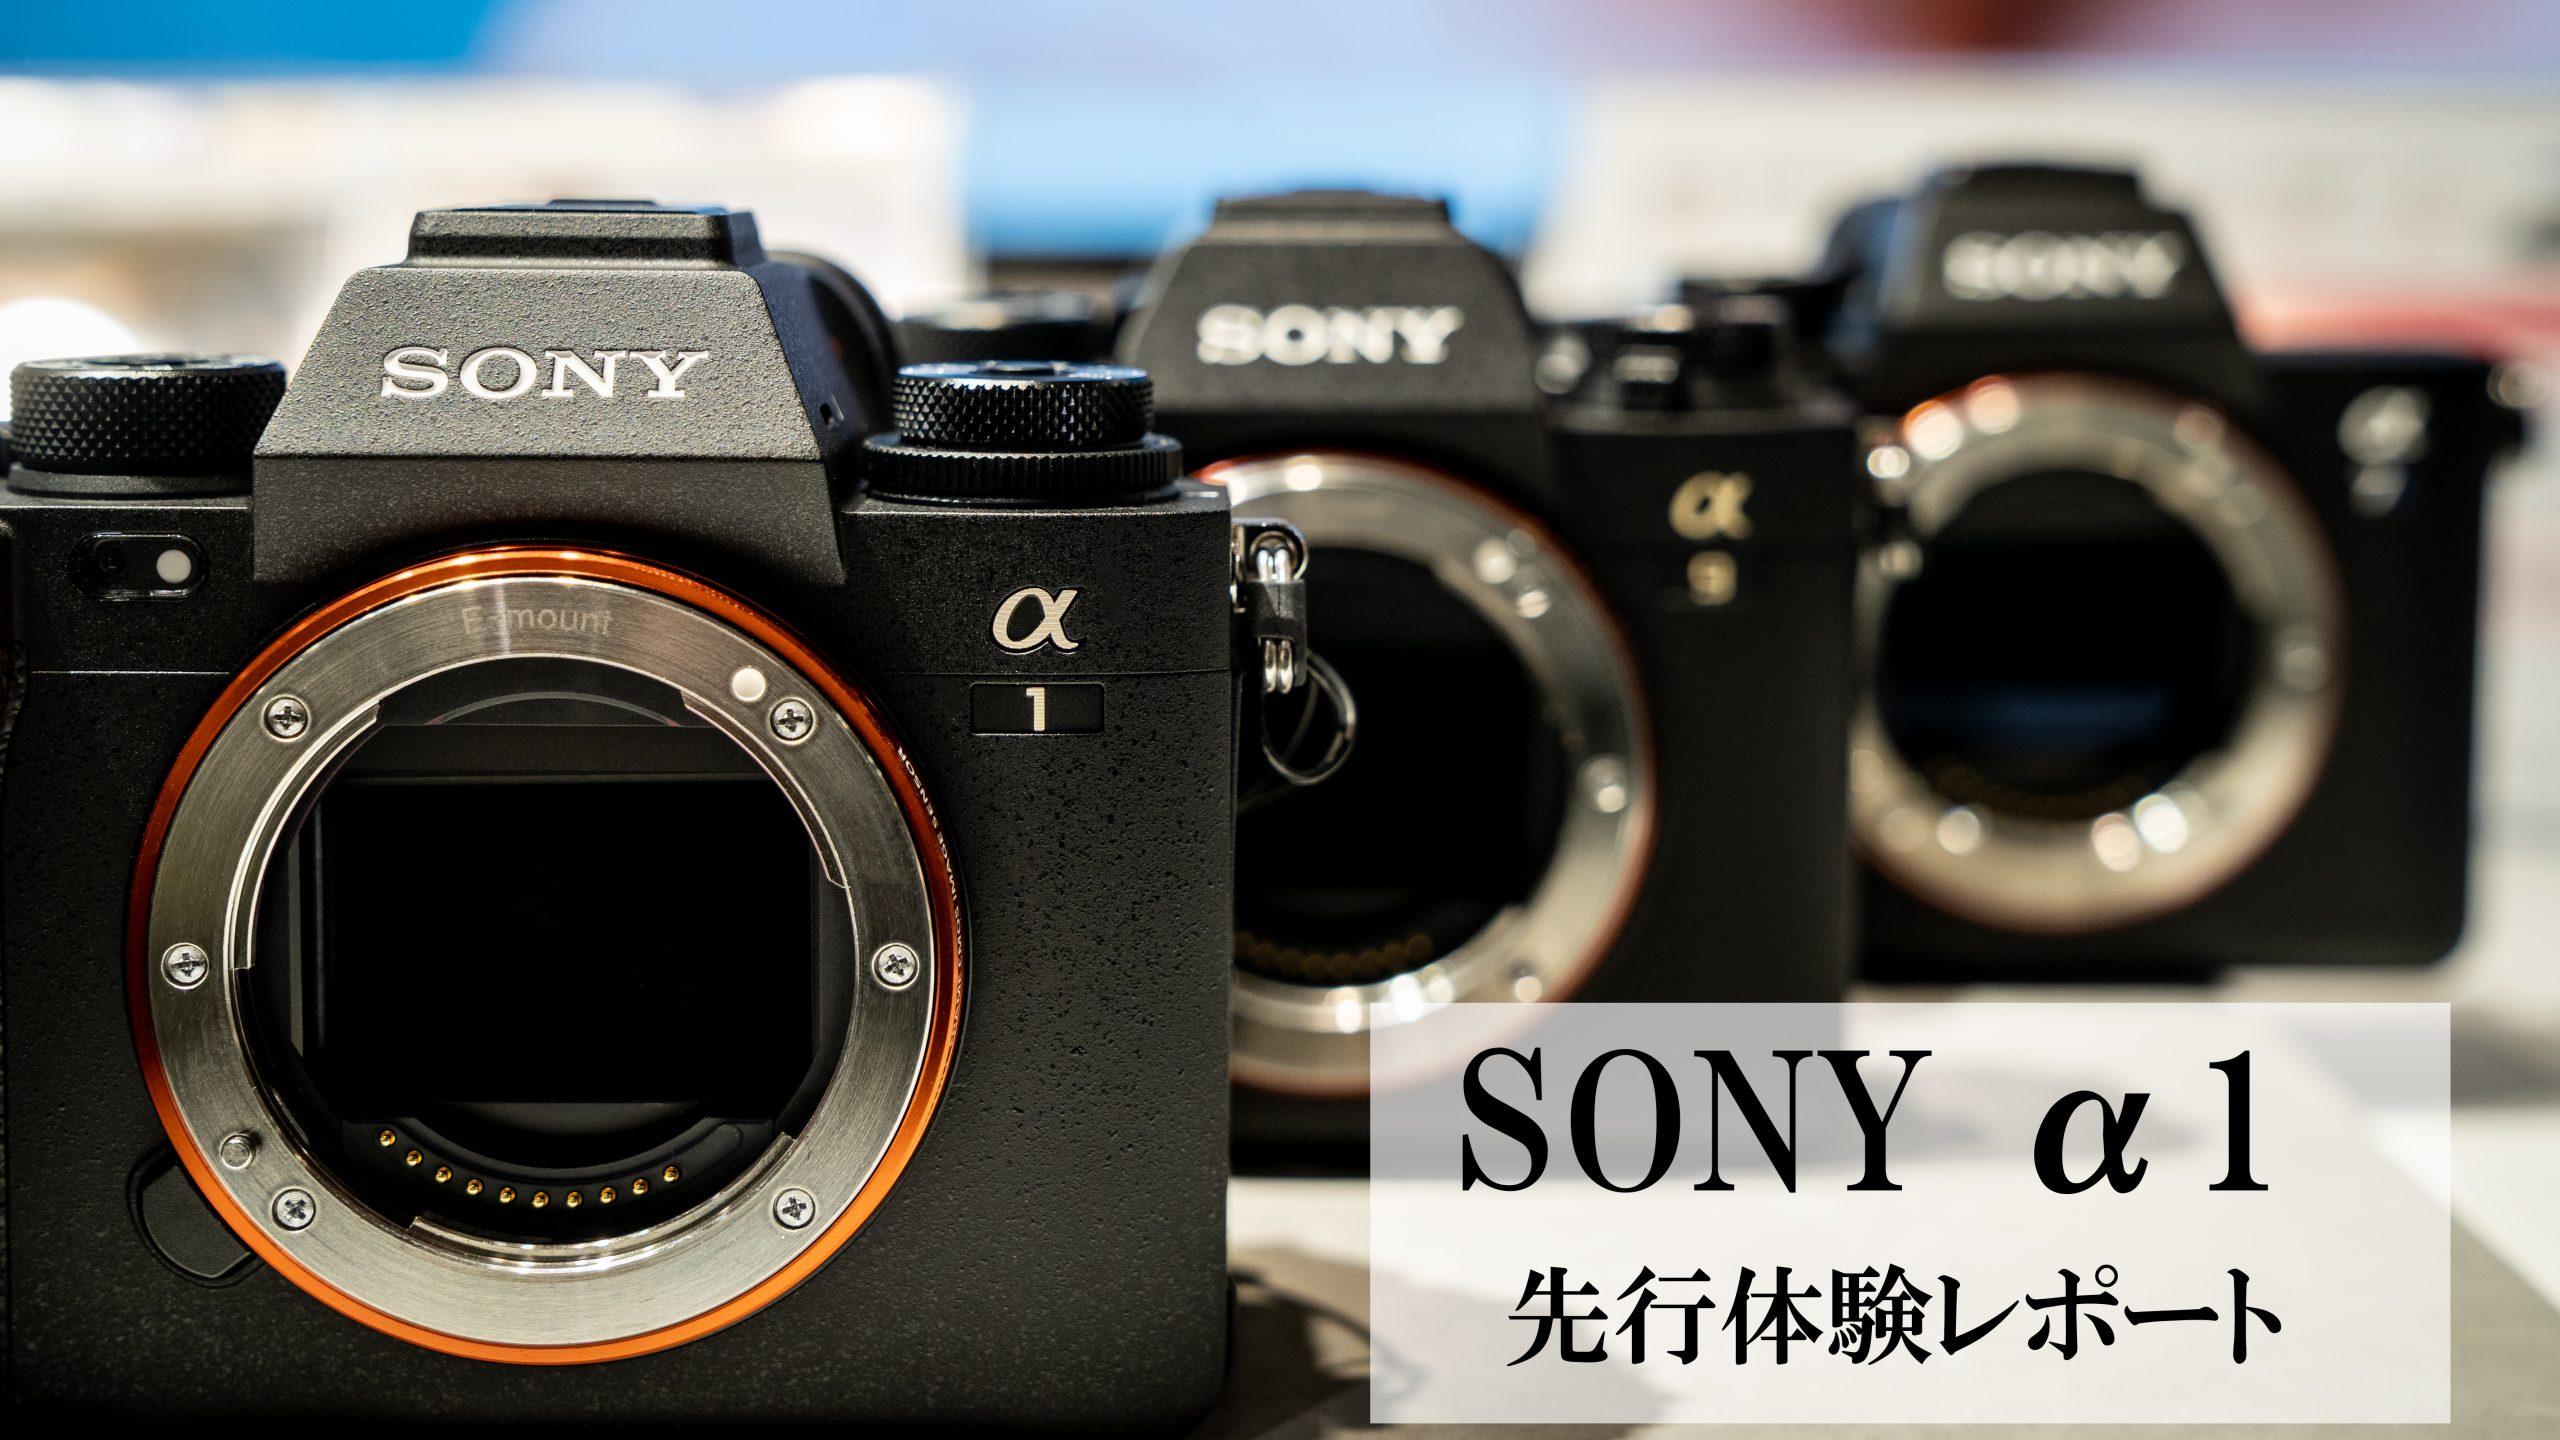 【SONY】α1 先行展示 体験レポート Part.1